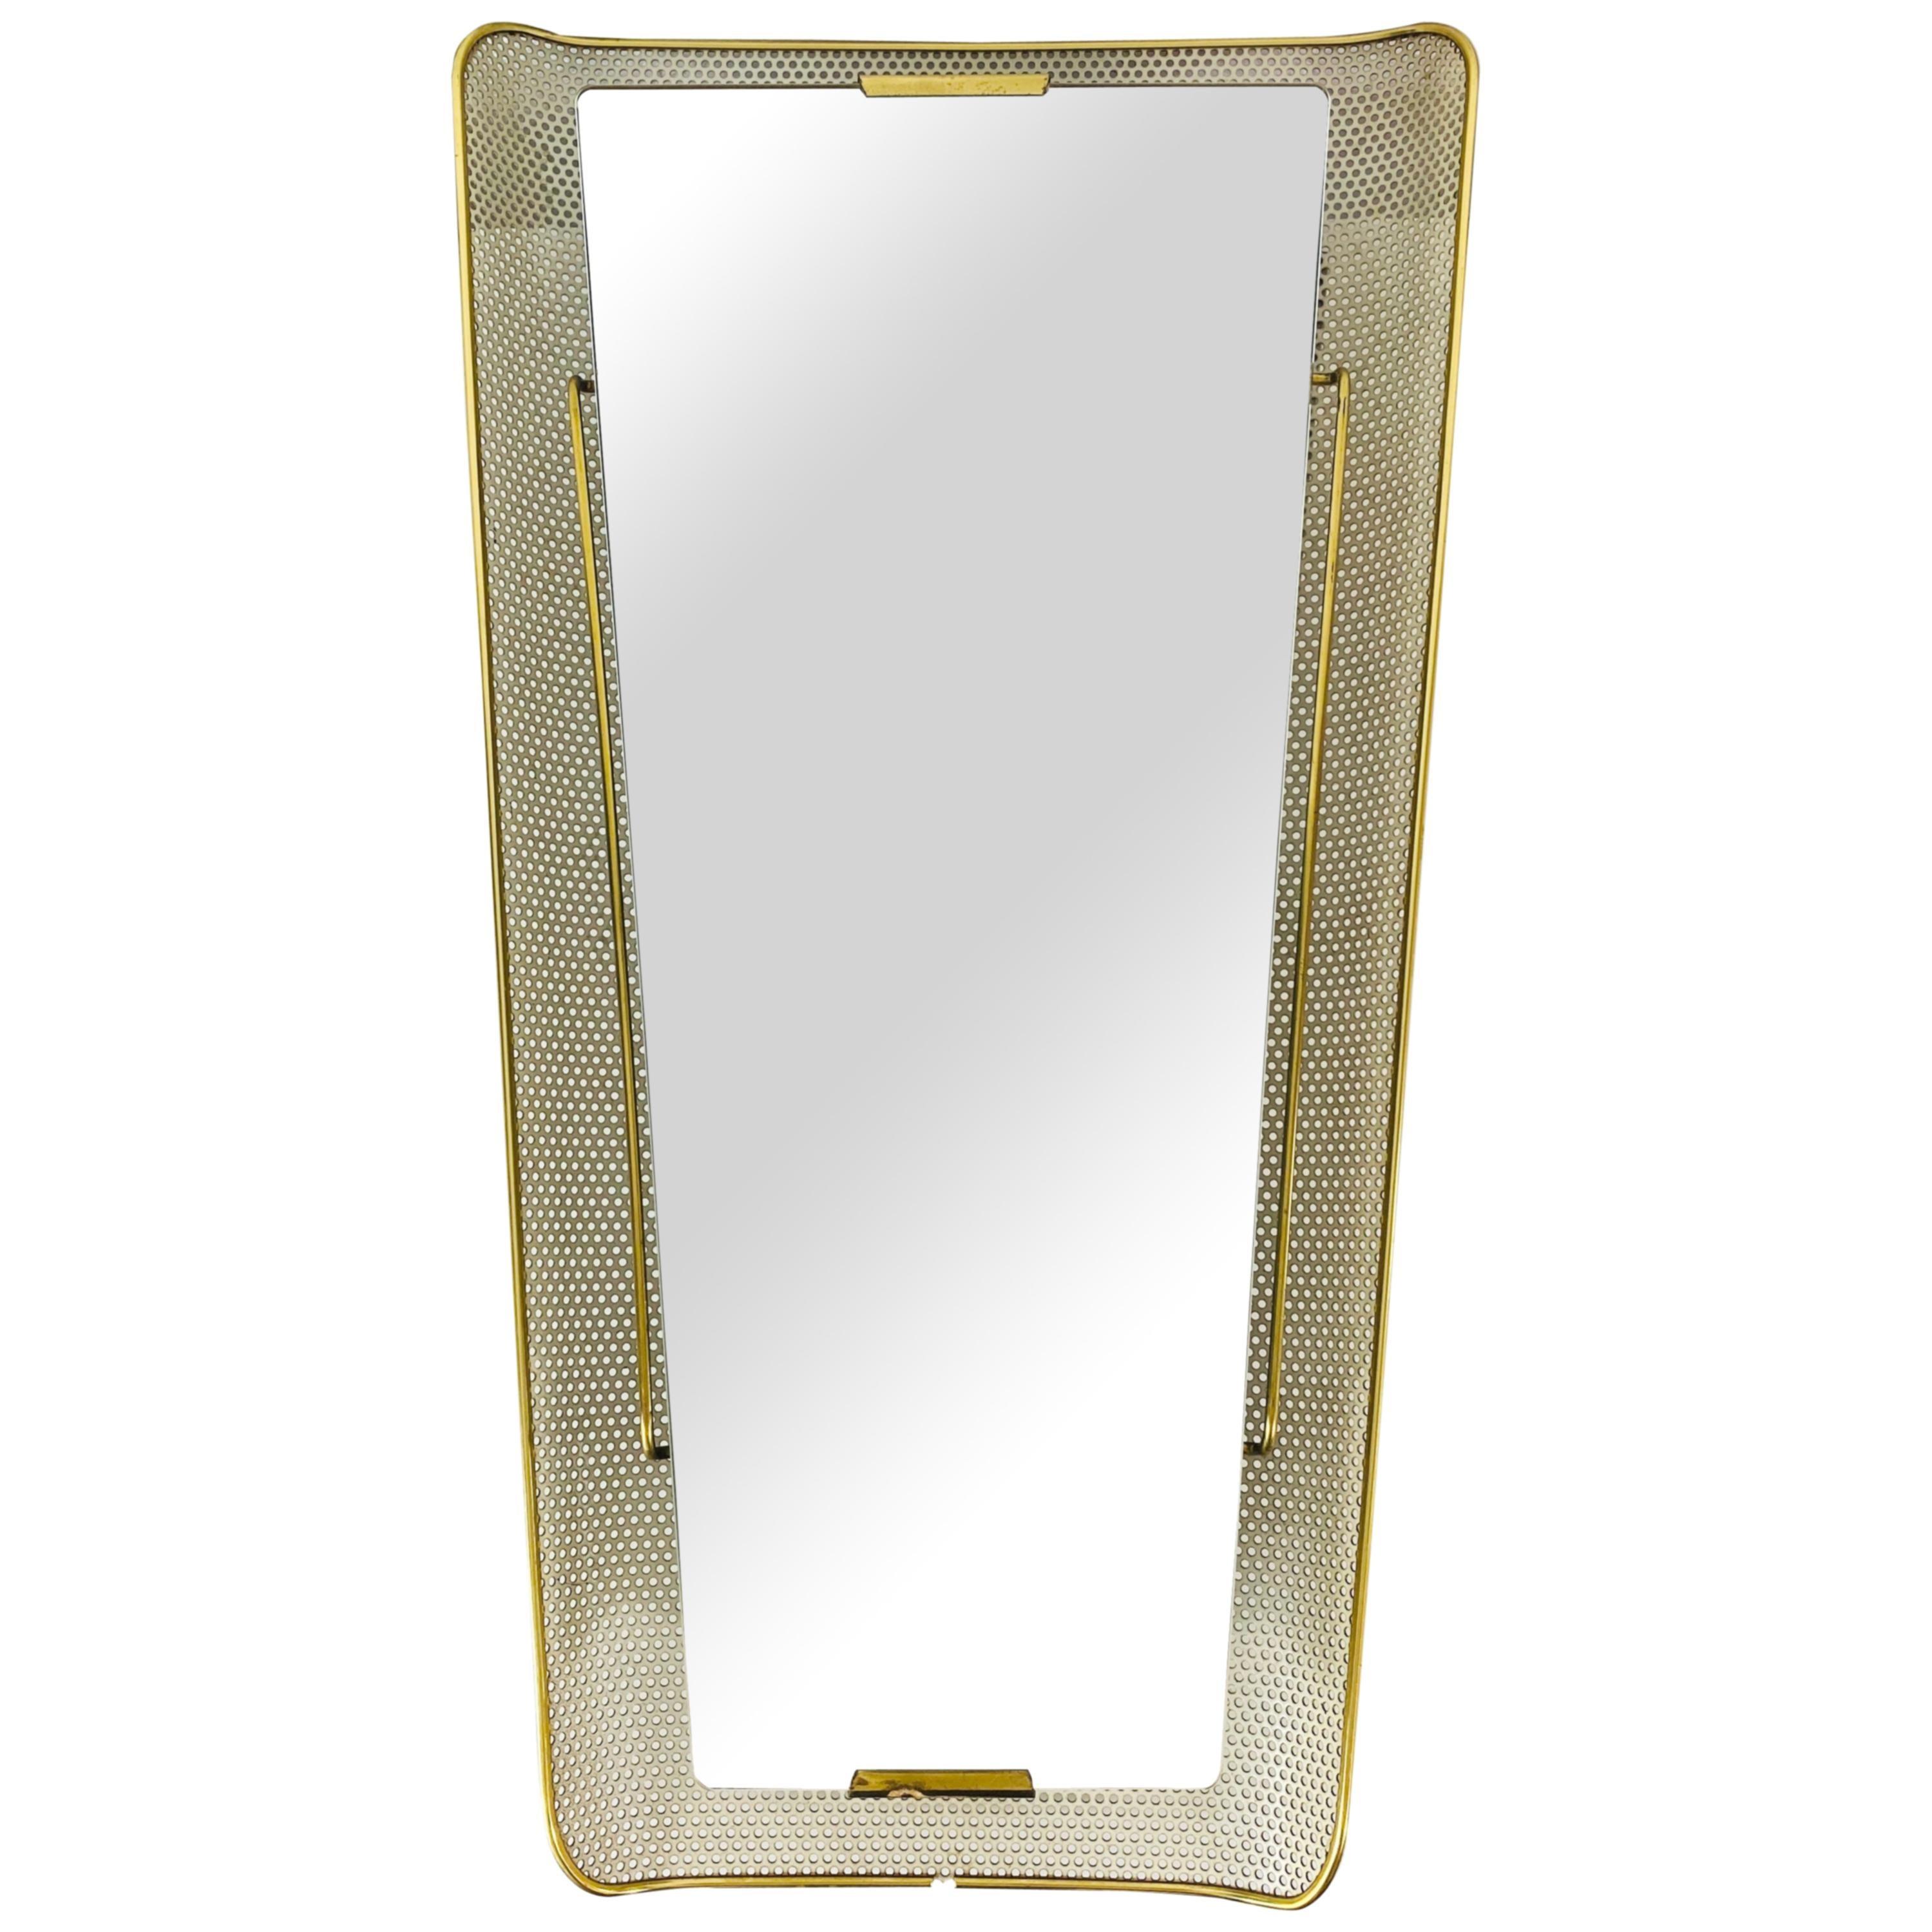 Stilnovo Midcentury Metal Illuminated Mirror, Italy, 1960s